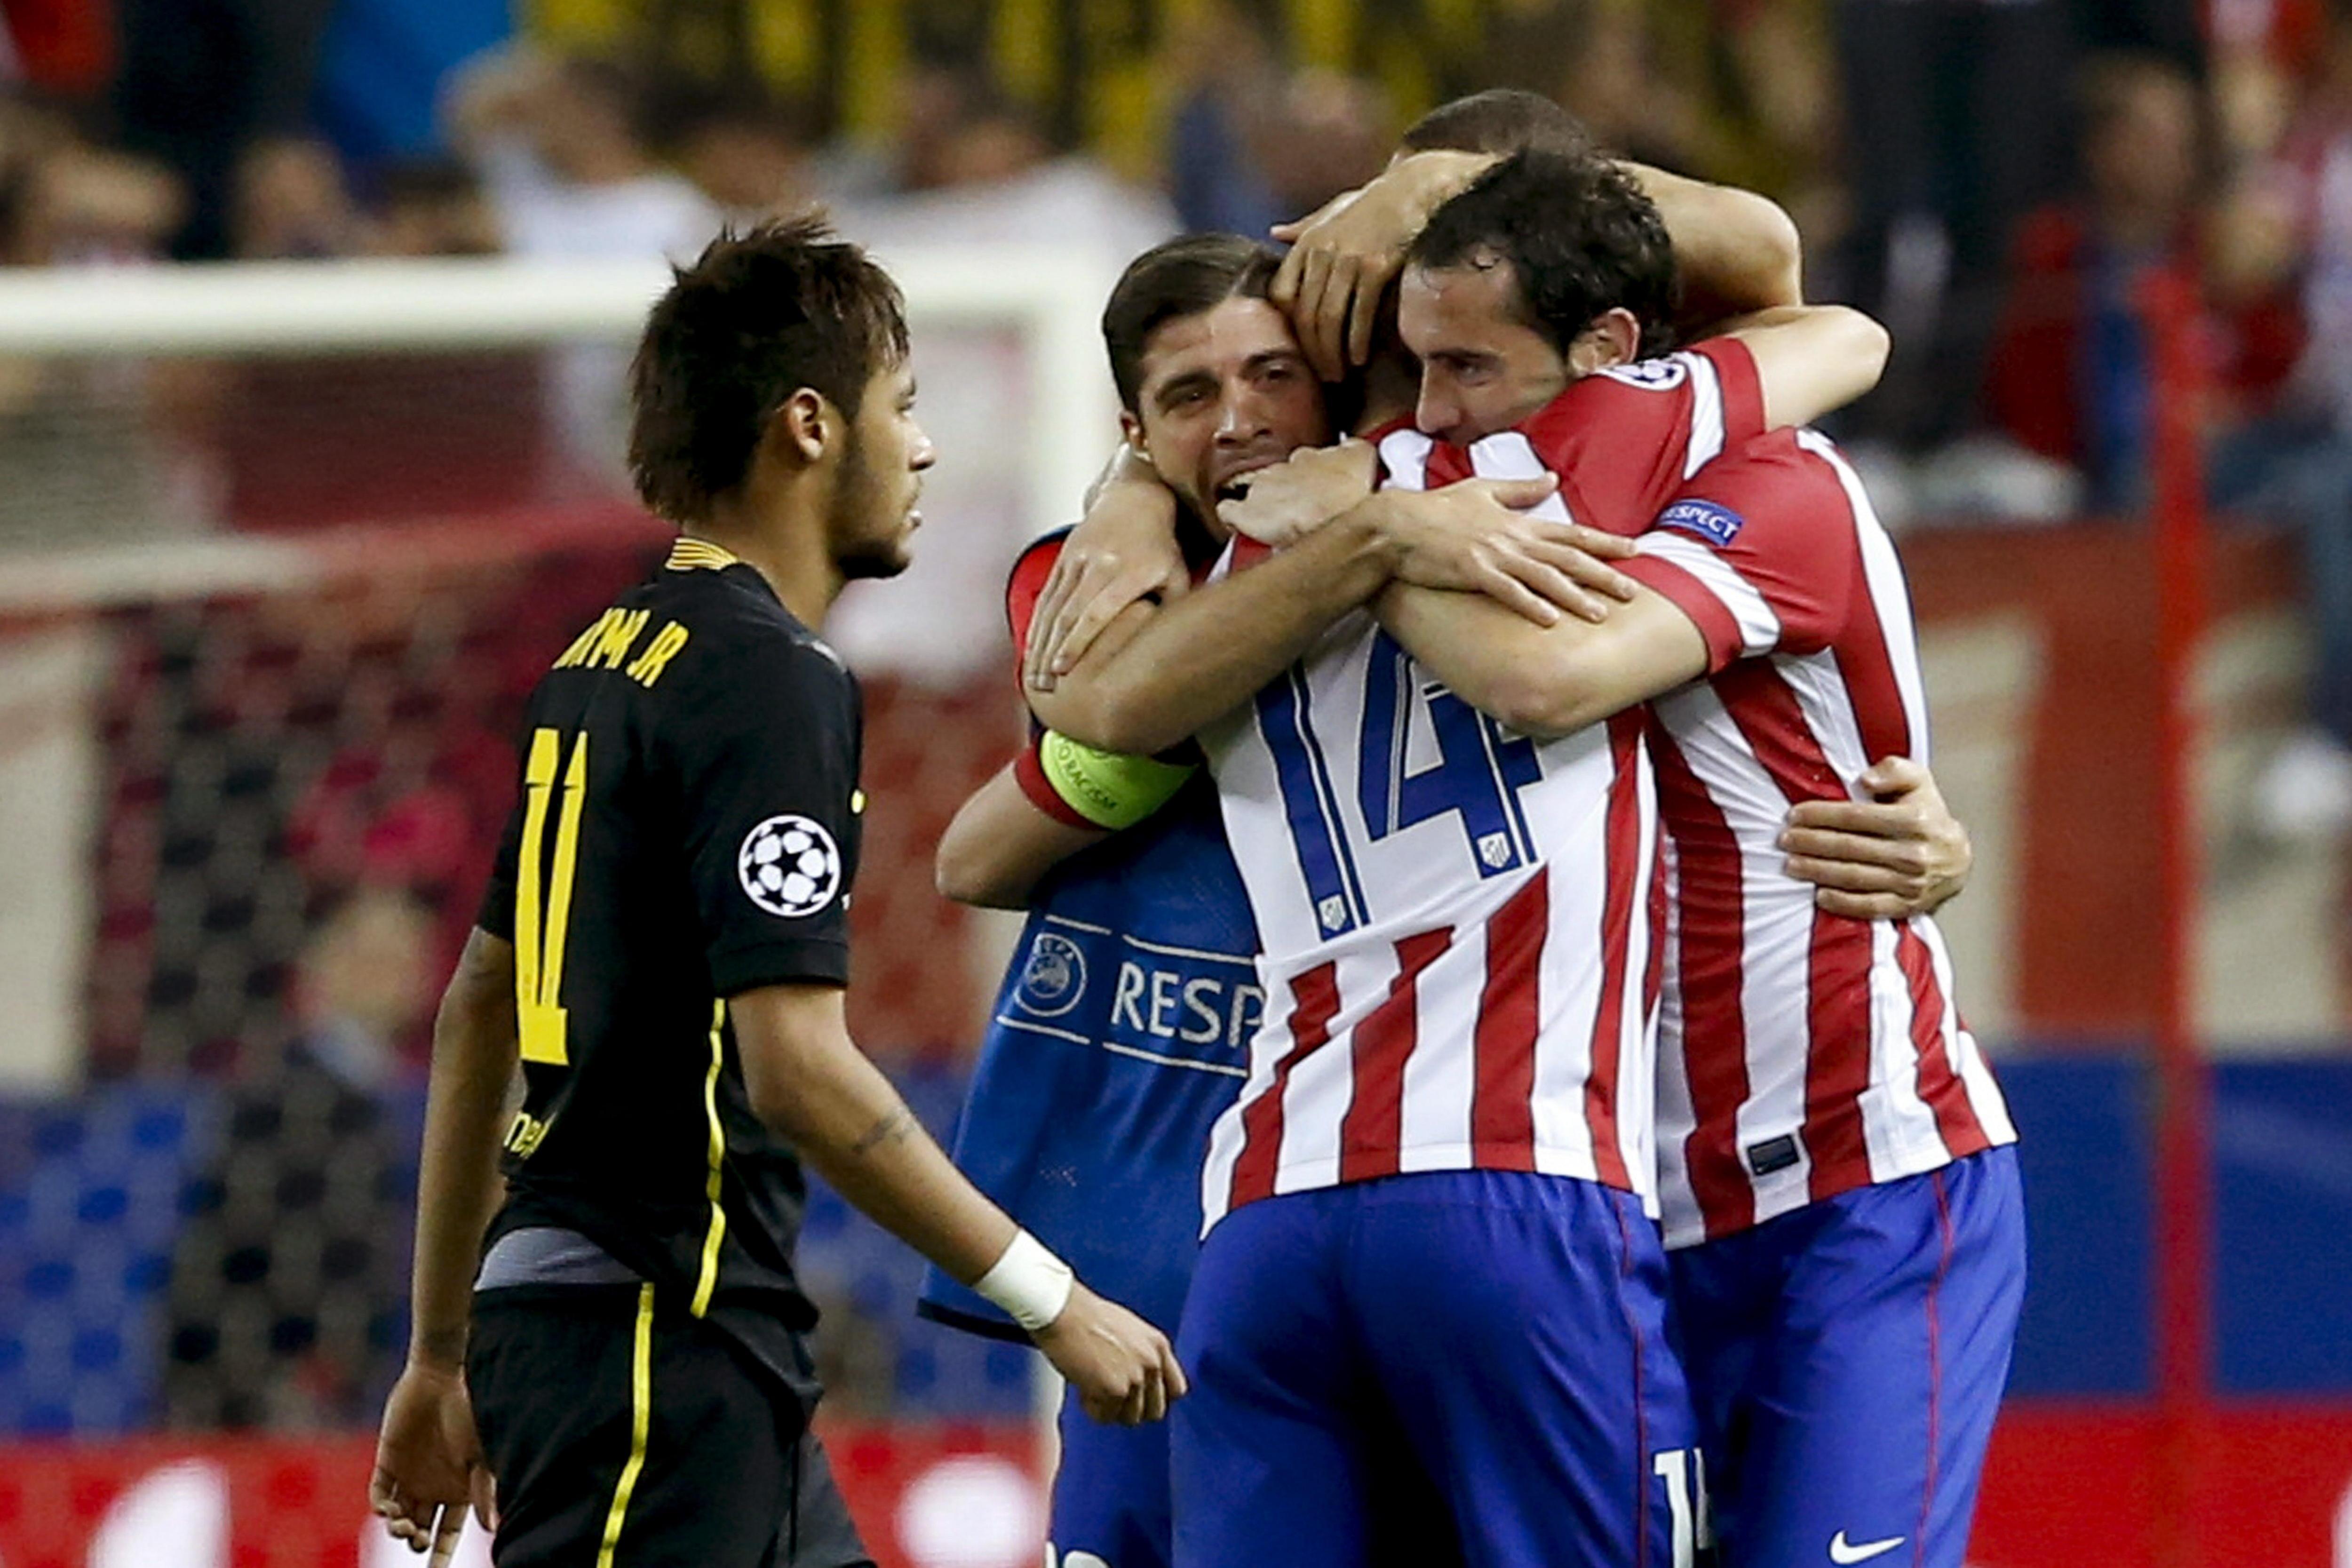 Real Madrid y Atlético vuelven a estar juntos en semifinales 55 años después